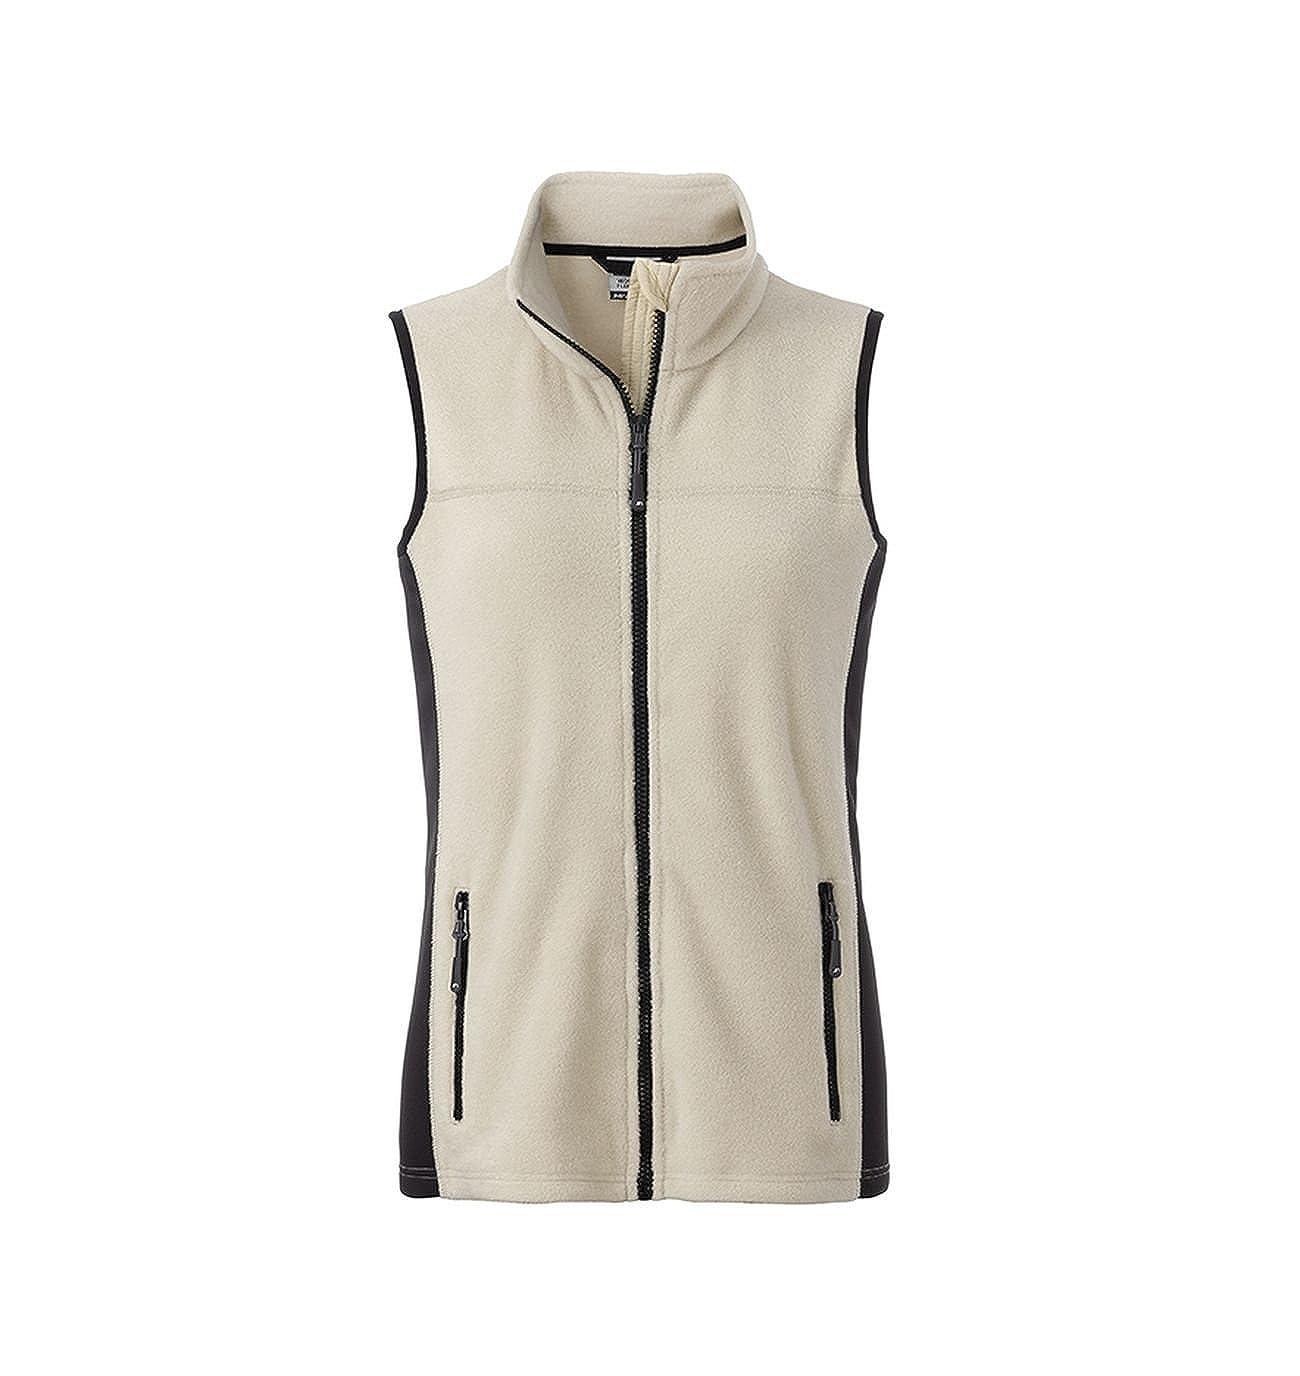 Strapazierf/ähige Damen Fleece Weste Workwear